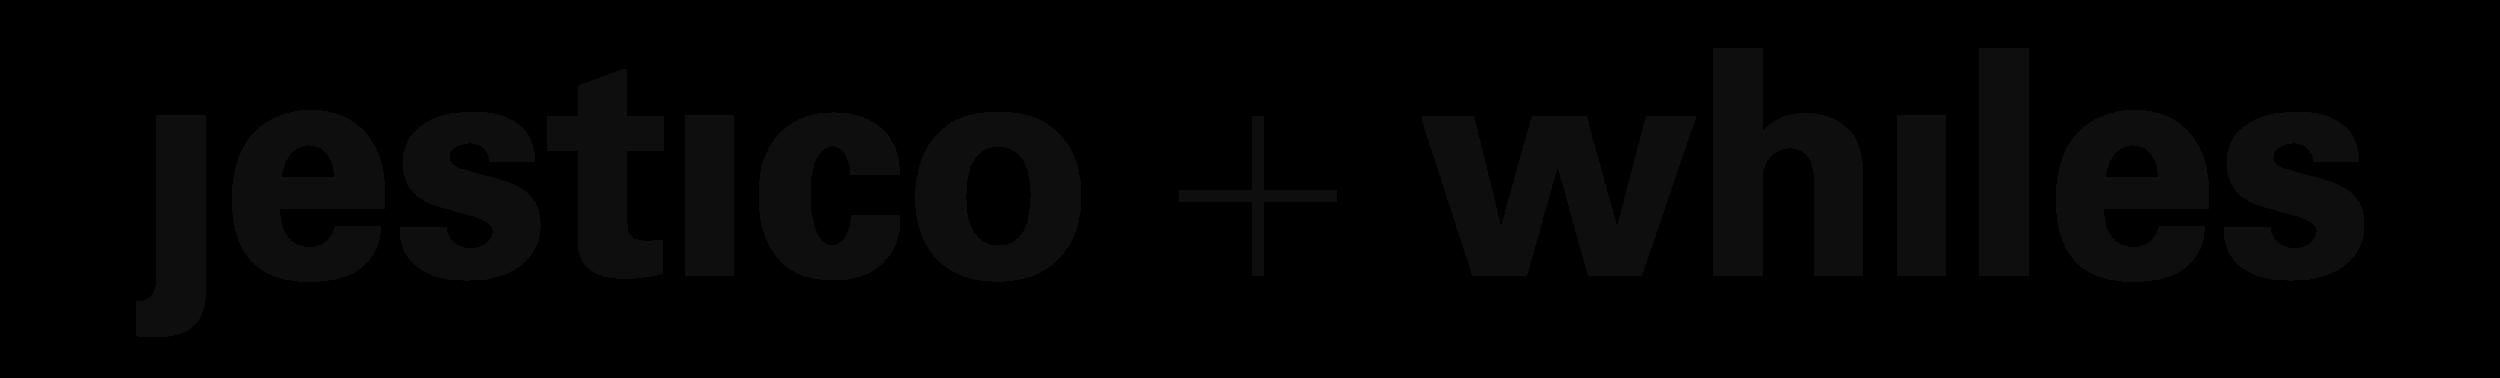 Jestico + Whiles logo